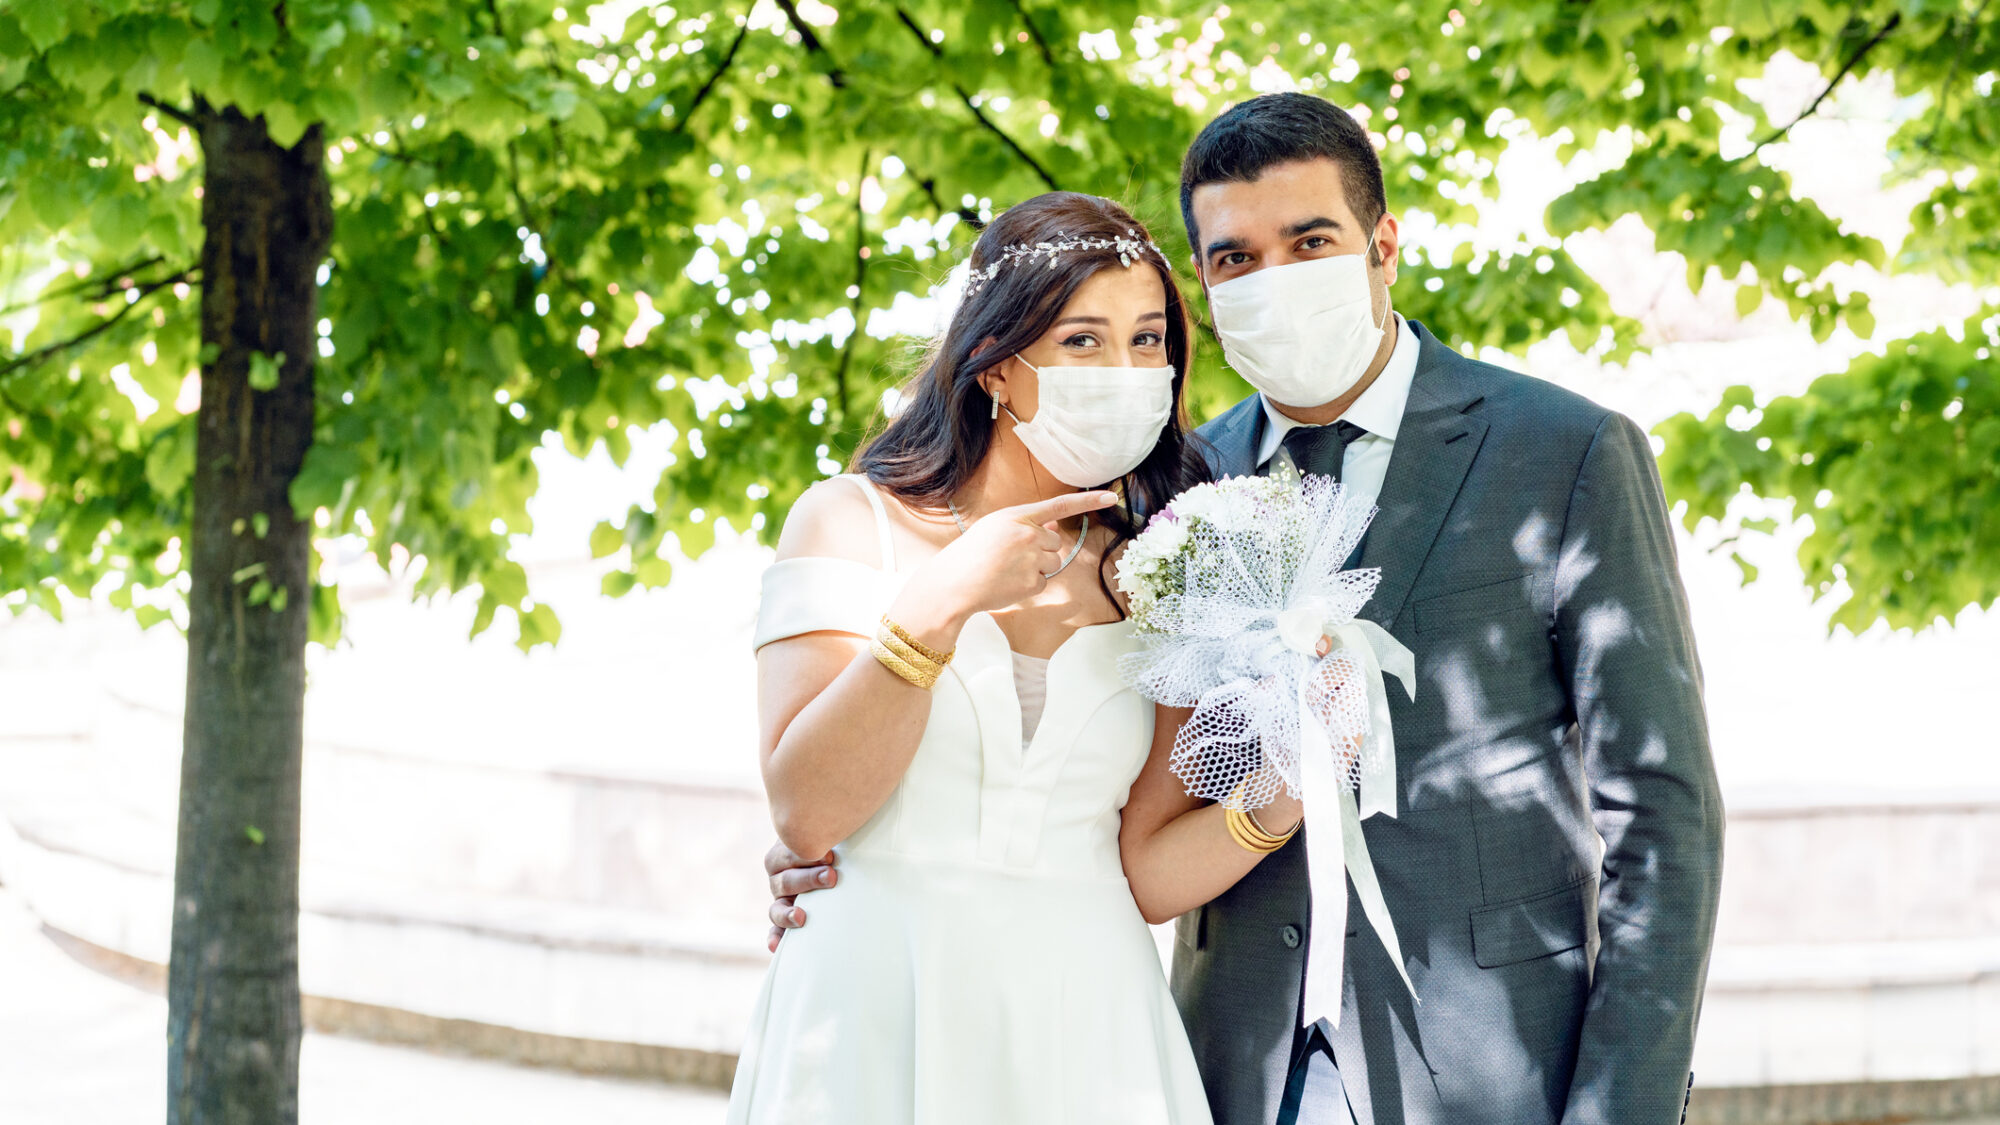 Casar em tempo de pandemia